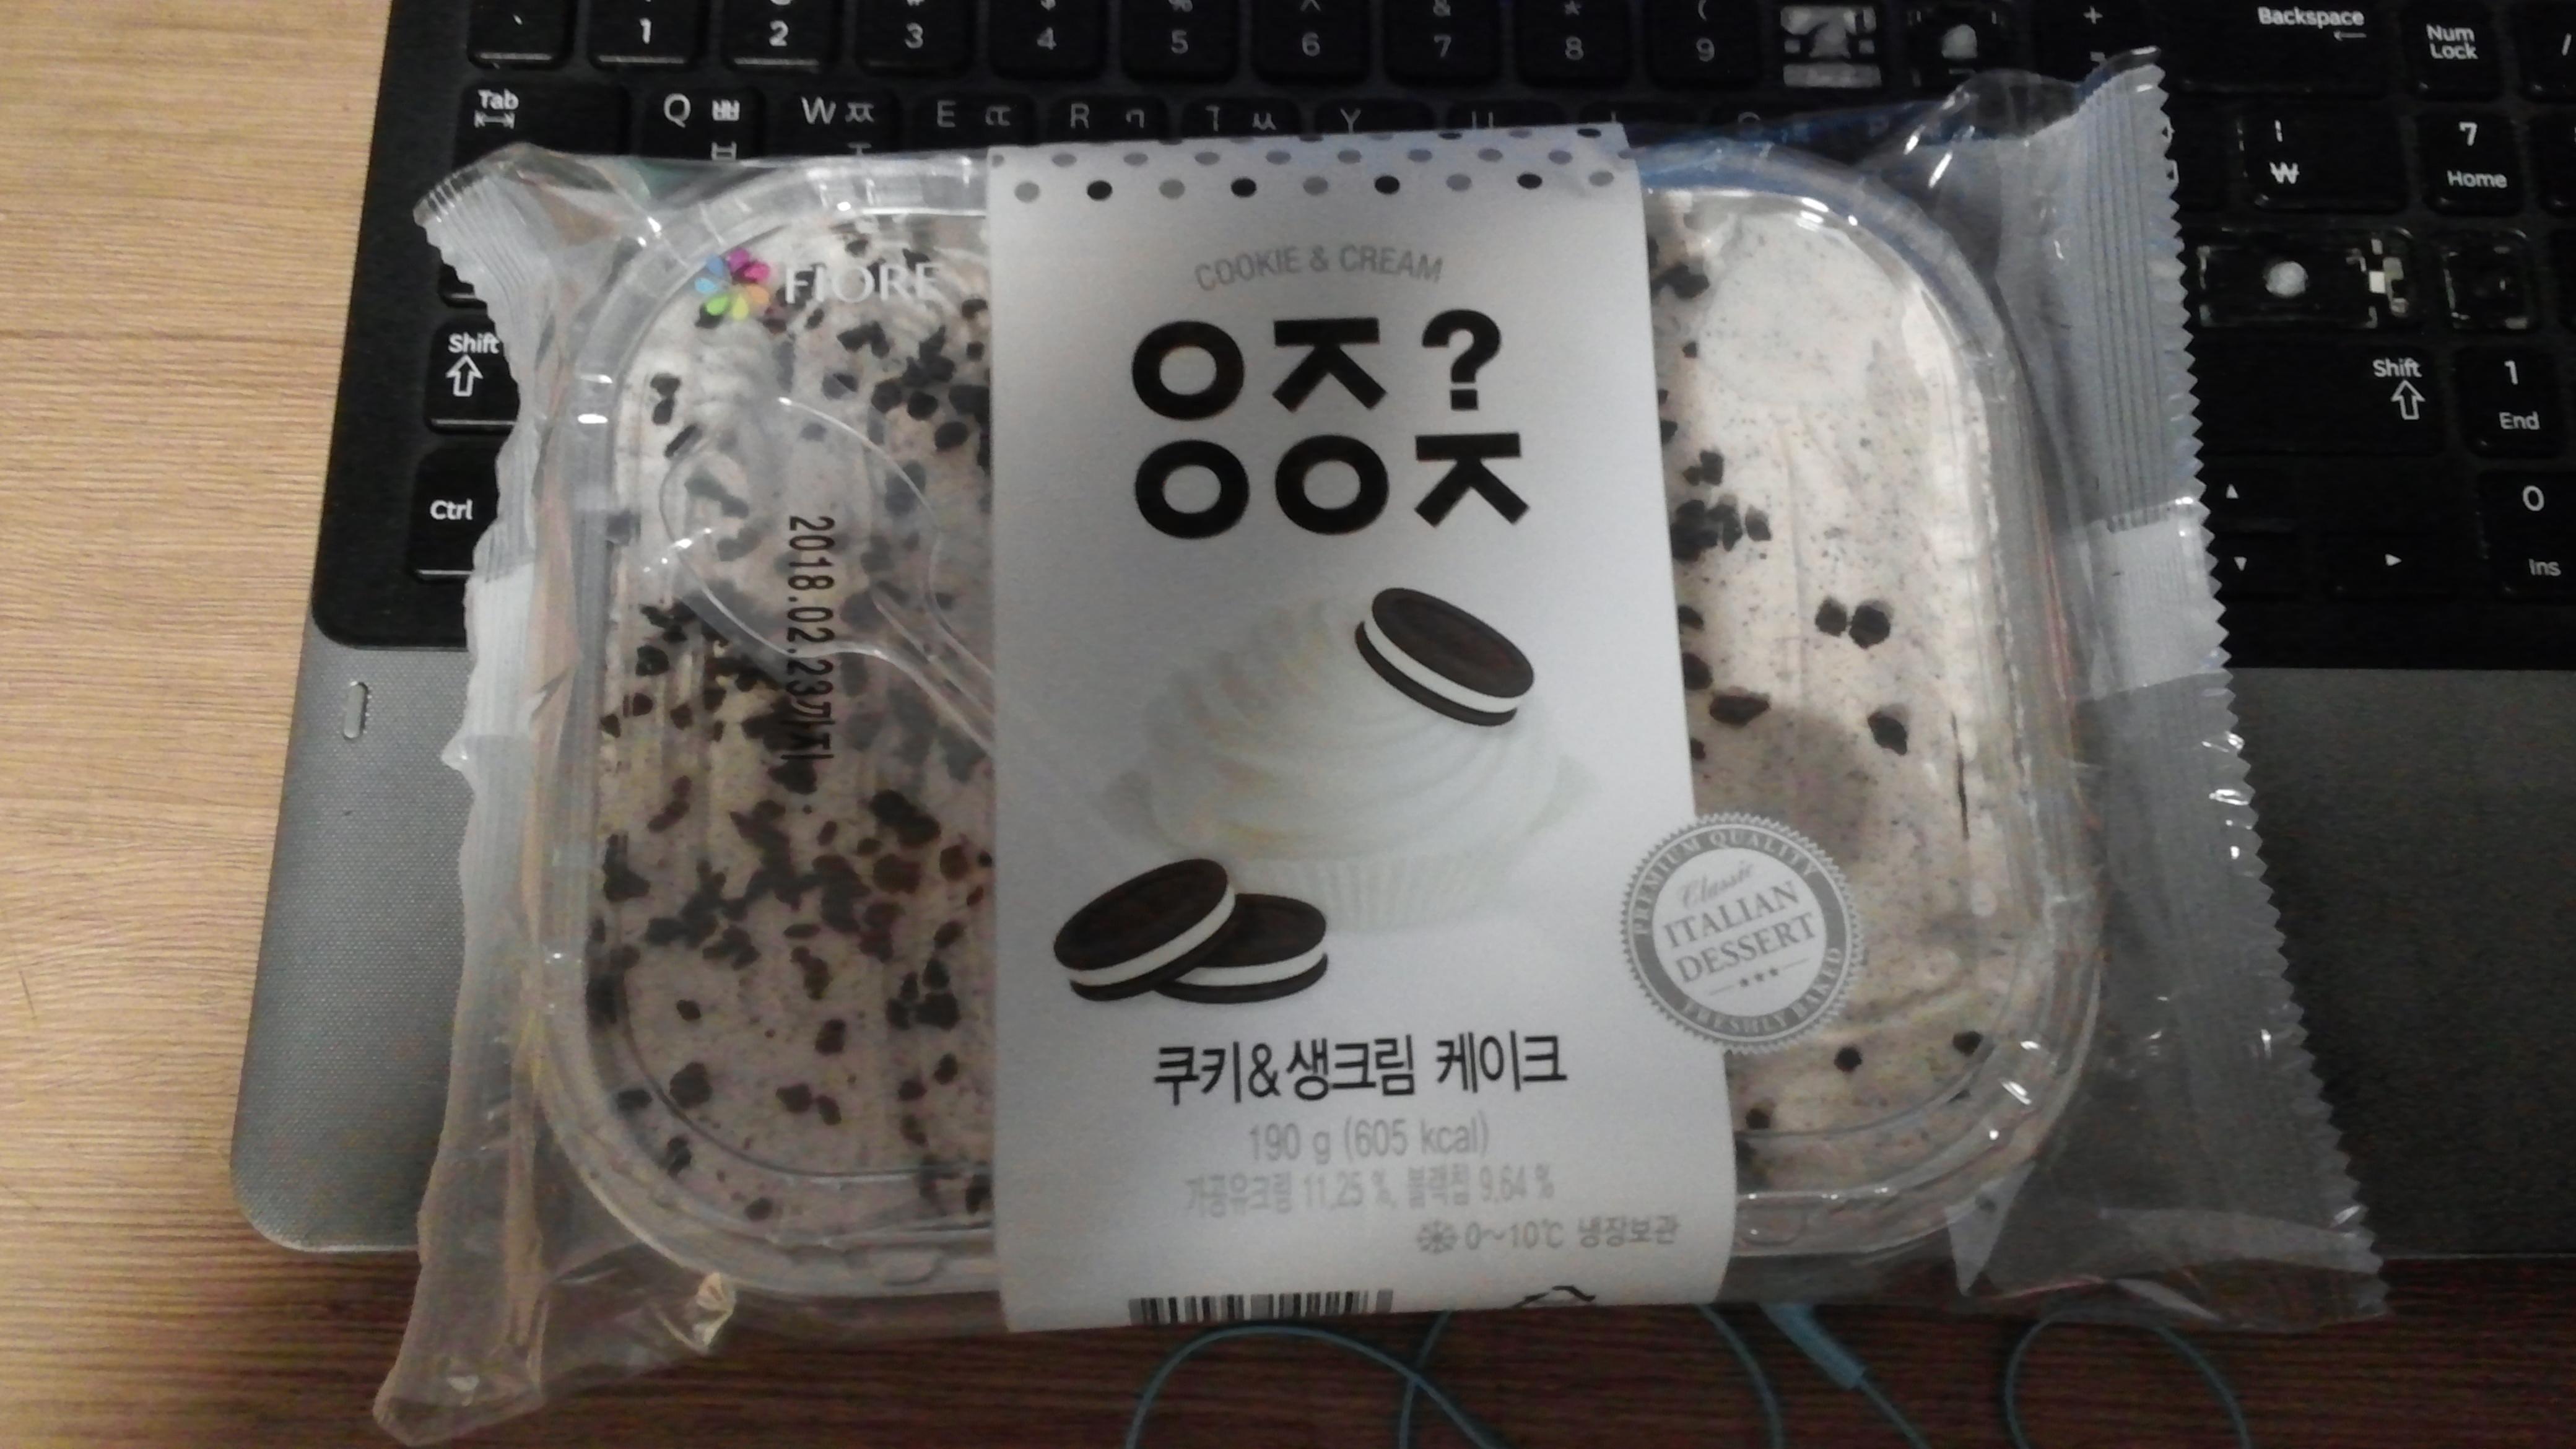 어? 새 제품이다. 쿠키&생크림?